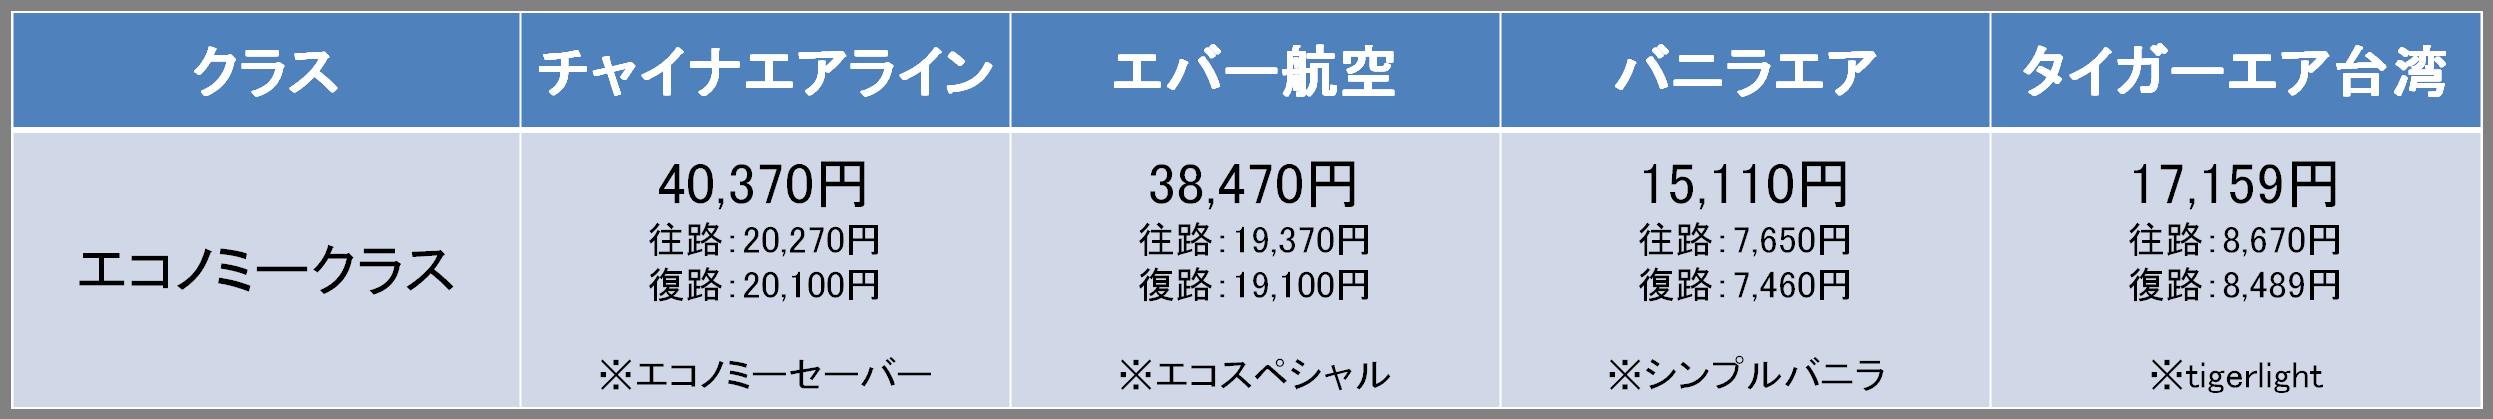 福岡-台北間の航空券の料金